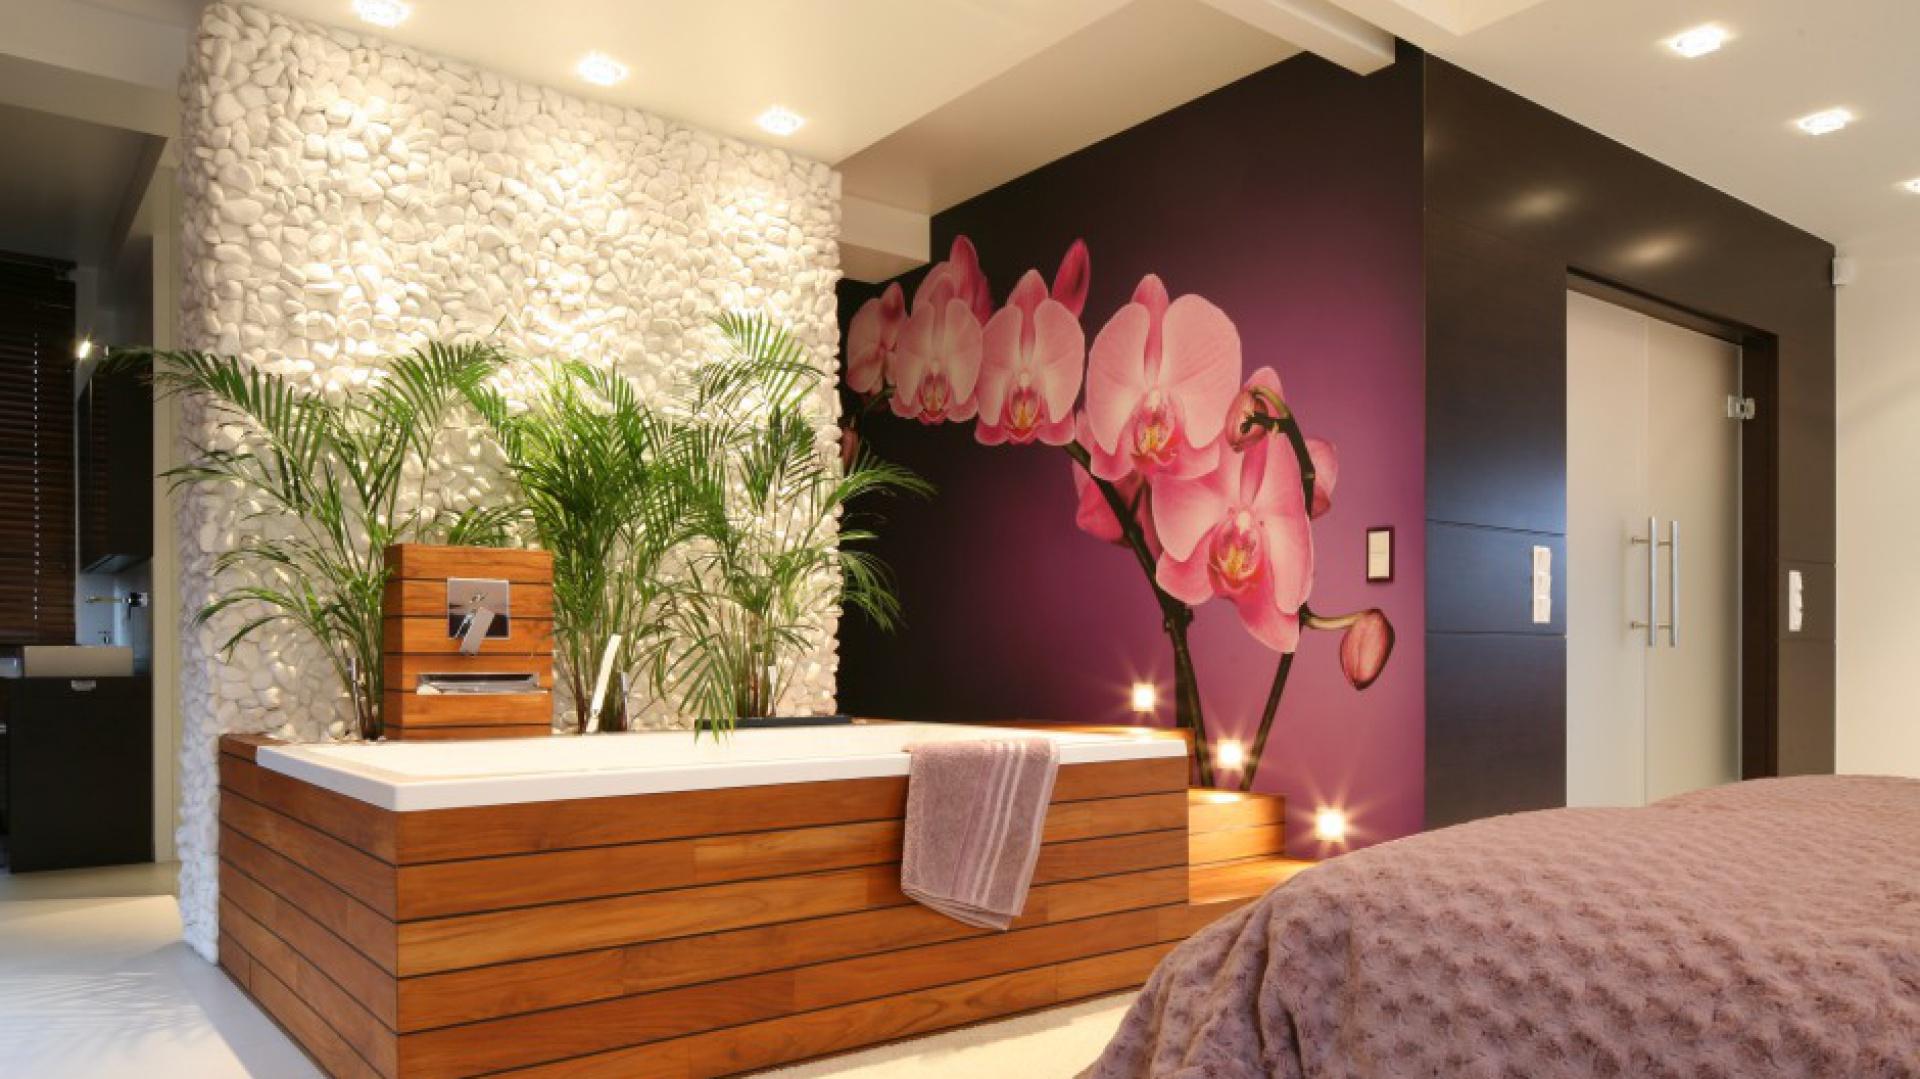 W łazience połączonej z salonem kąpielowym teakowym drewnem obudowano wannę. To materiał trwały i odporny na wodę oraz działanie wilgoci. Projekt: Katarzyna Mikulska-Sękalska. Fot. Bartosz Jarosz.